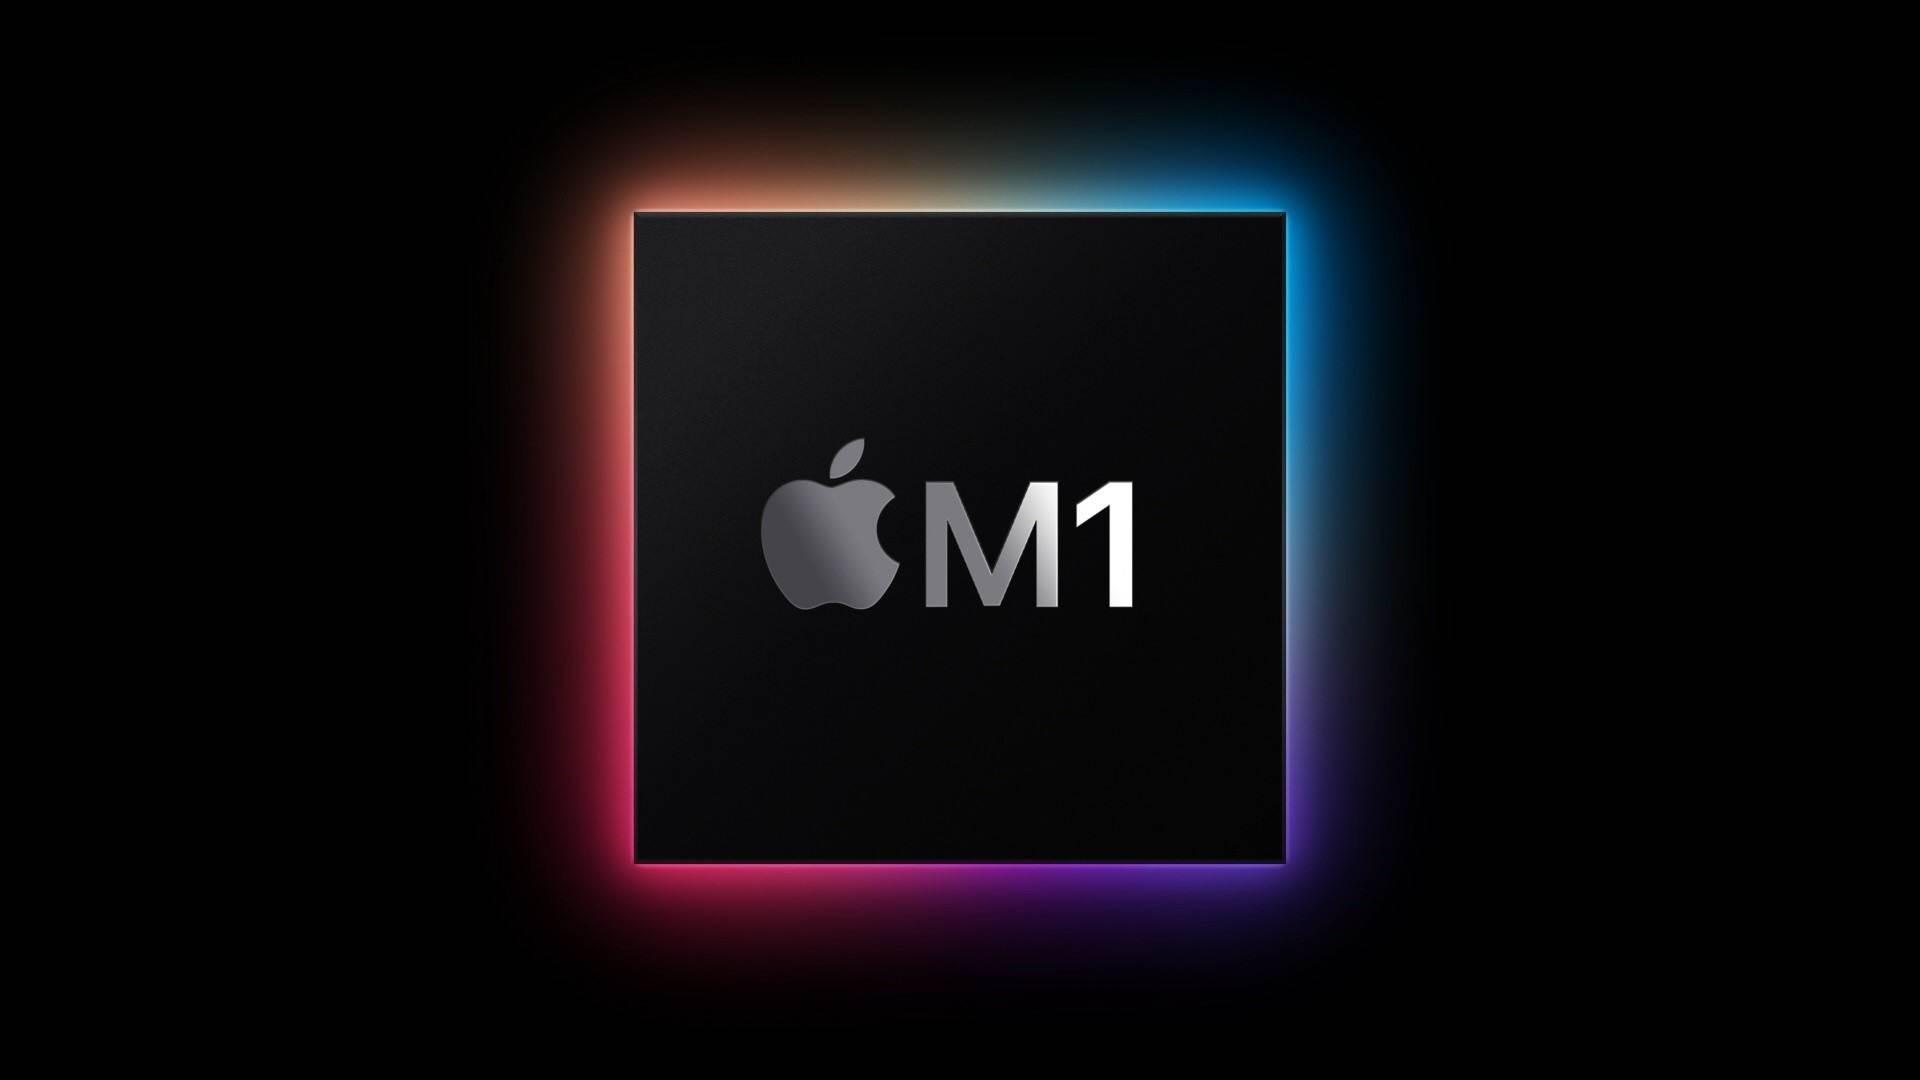 苹果发布会:毫无VR、AR露出,首款Mac电脑芯片S1发布